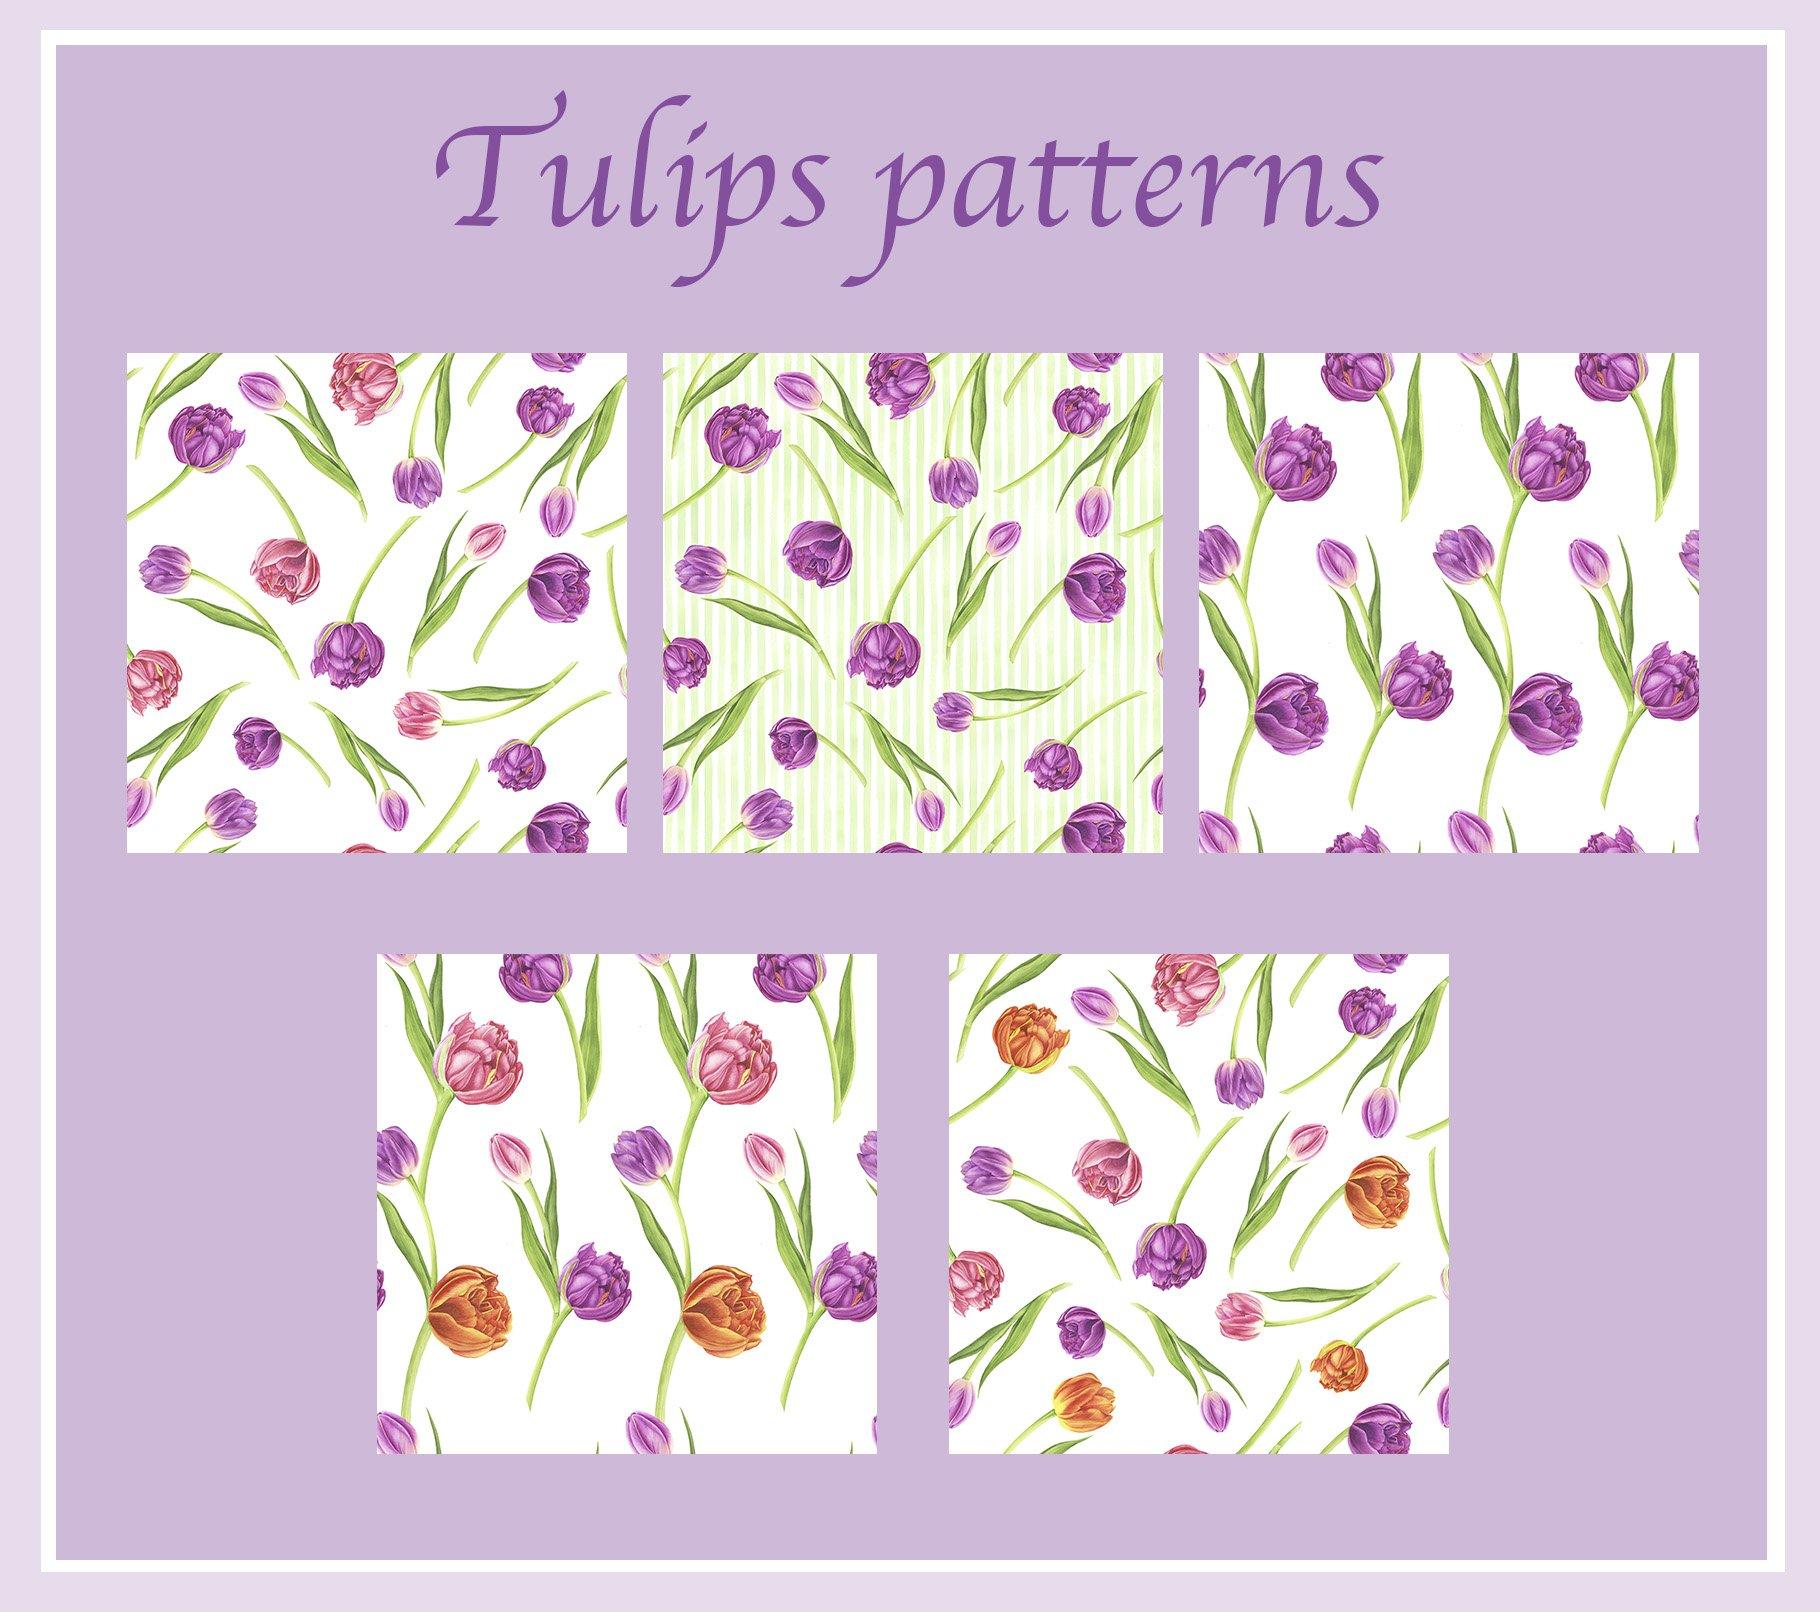 春天郁金香花卉手绘水彩插画集 Spring Flowers Watercolor Patterns插图(1)